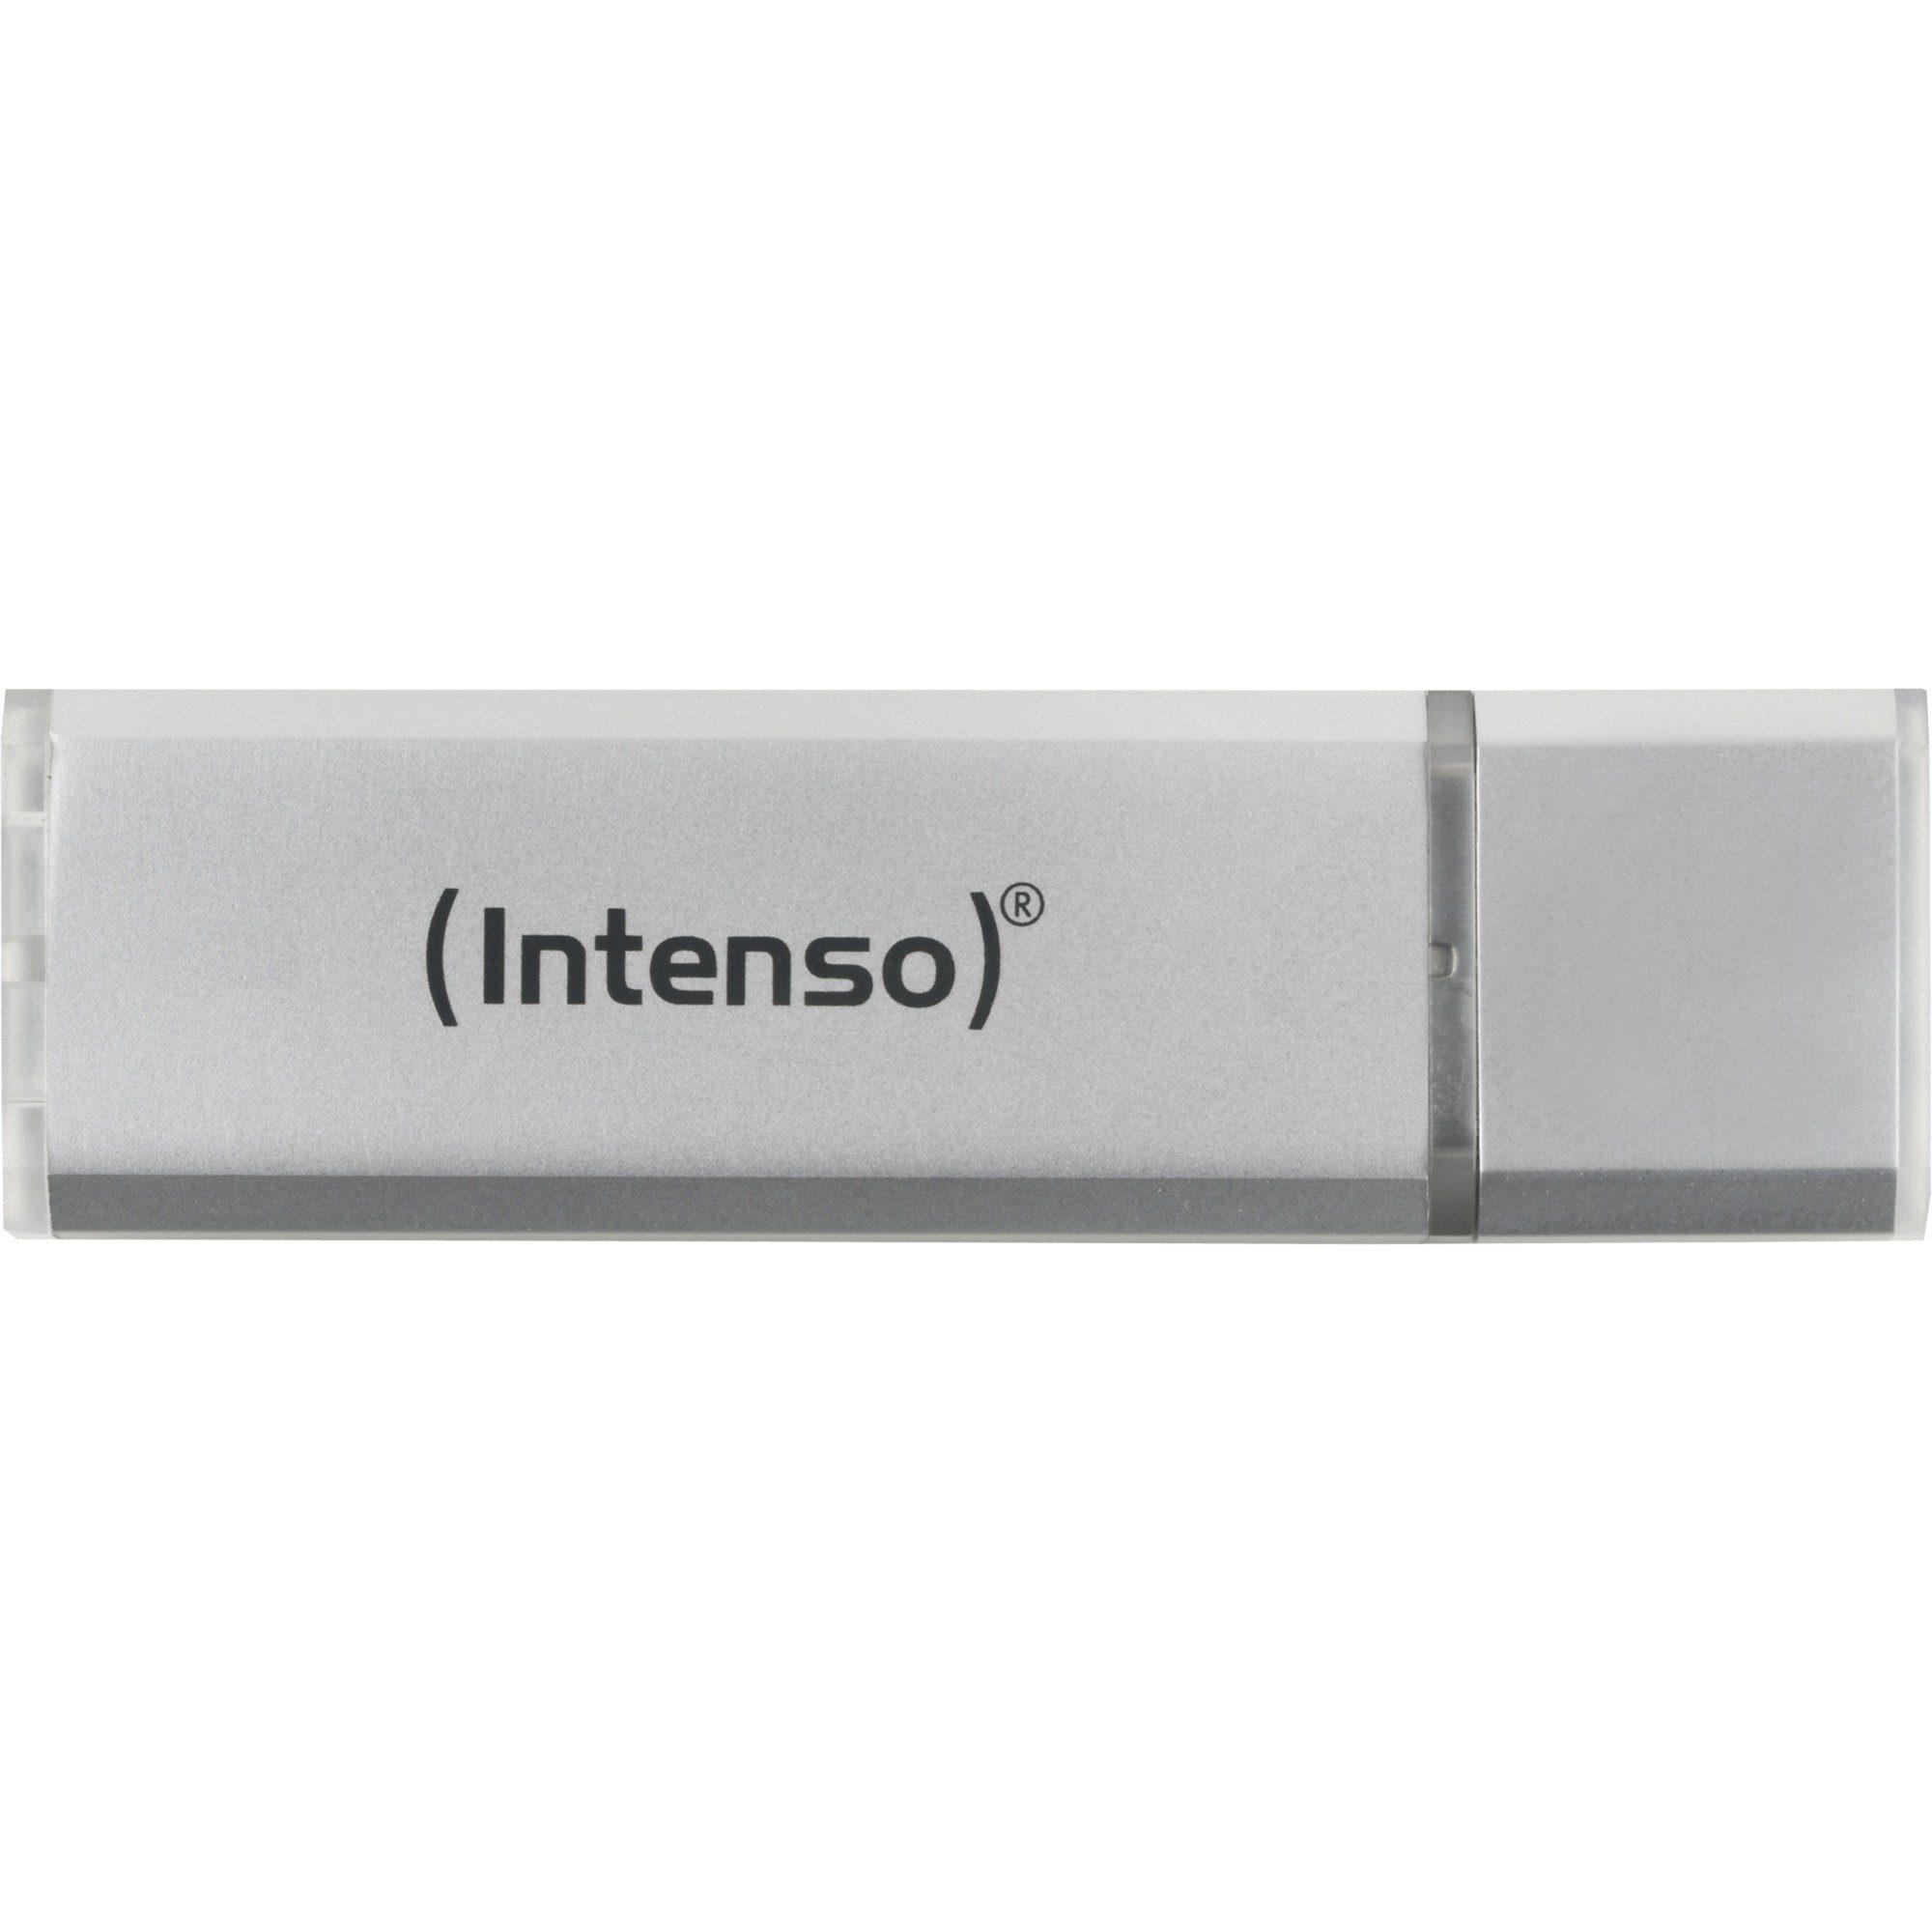 Intenso USB-Stick »Ultra Line 128 GB, USB 3.0«